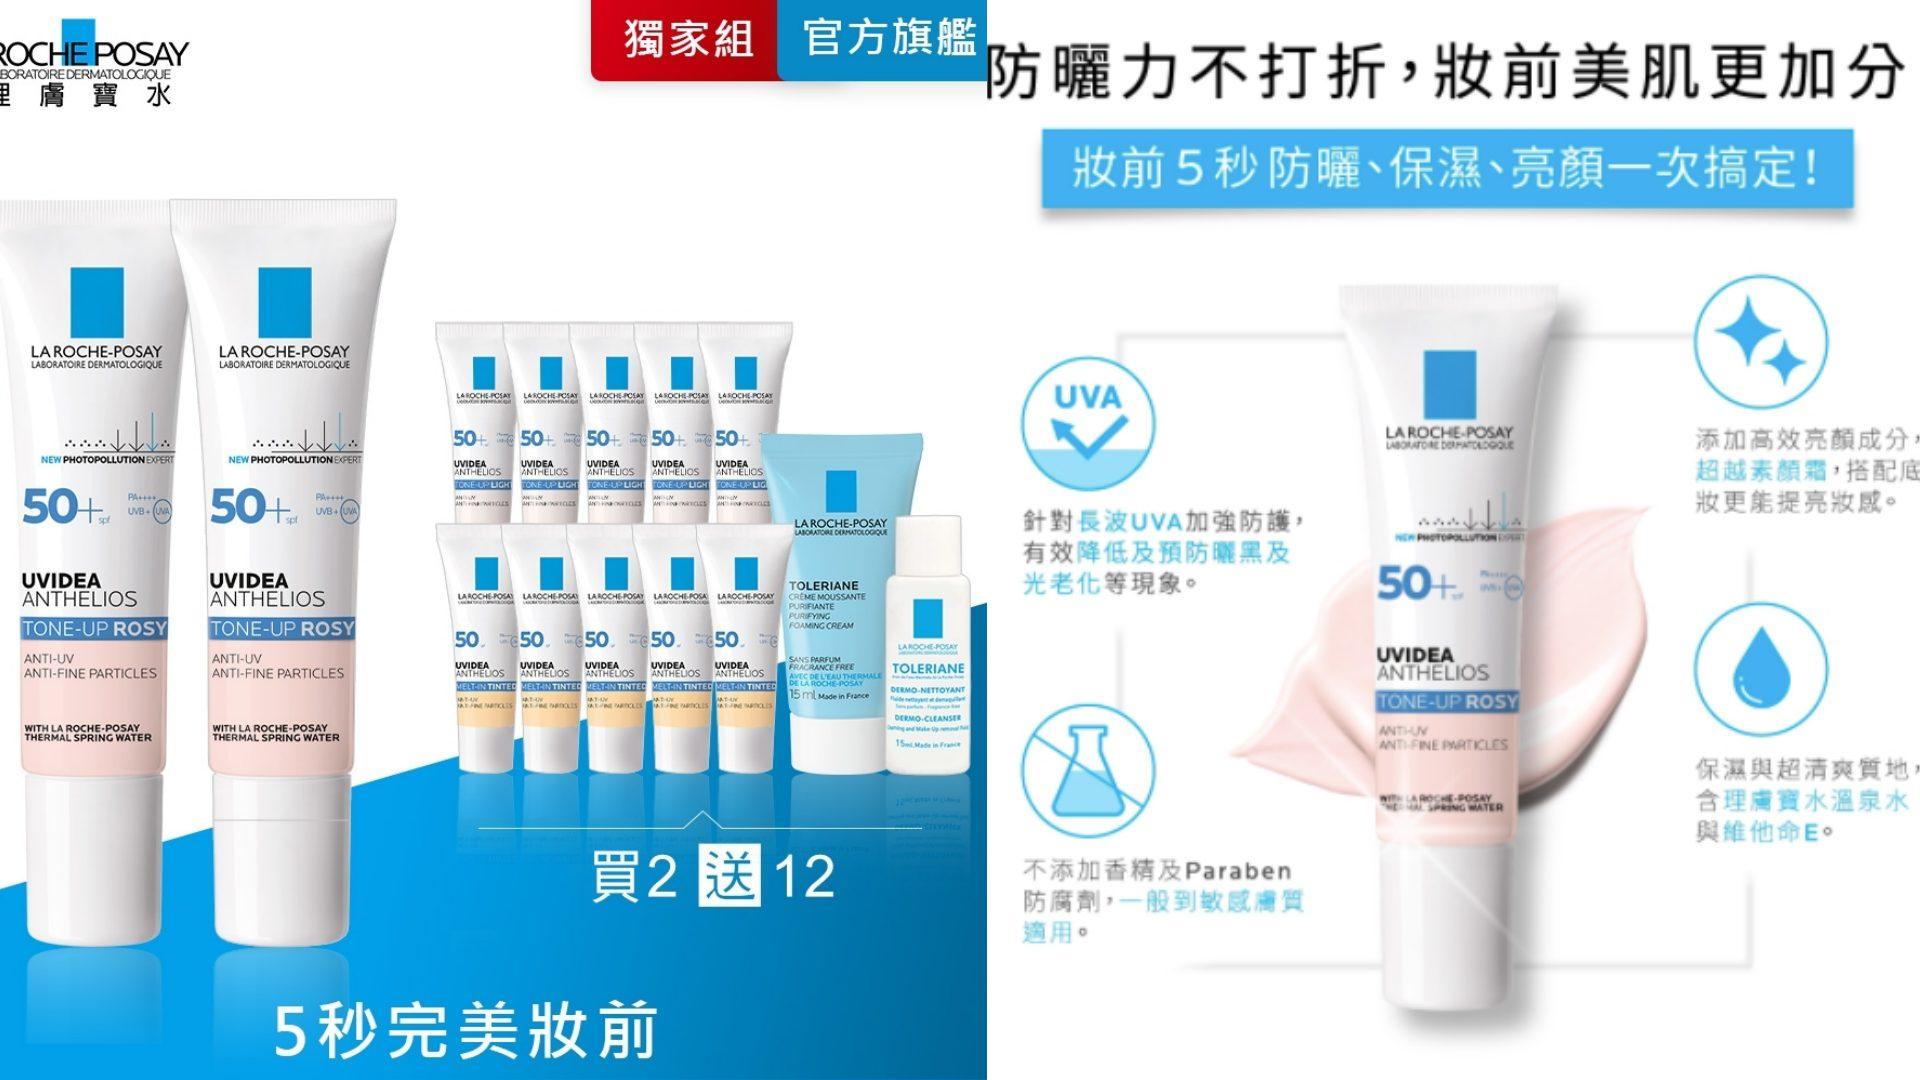 敏感肌適用,特別適合油性與混合性,現在還配方新升級,添加專利益菌生配方,並且含菸鹼醯胺加強肌膚舒緩修護功效,還可以48小時長效保濕